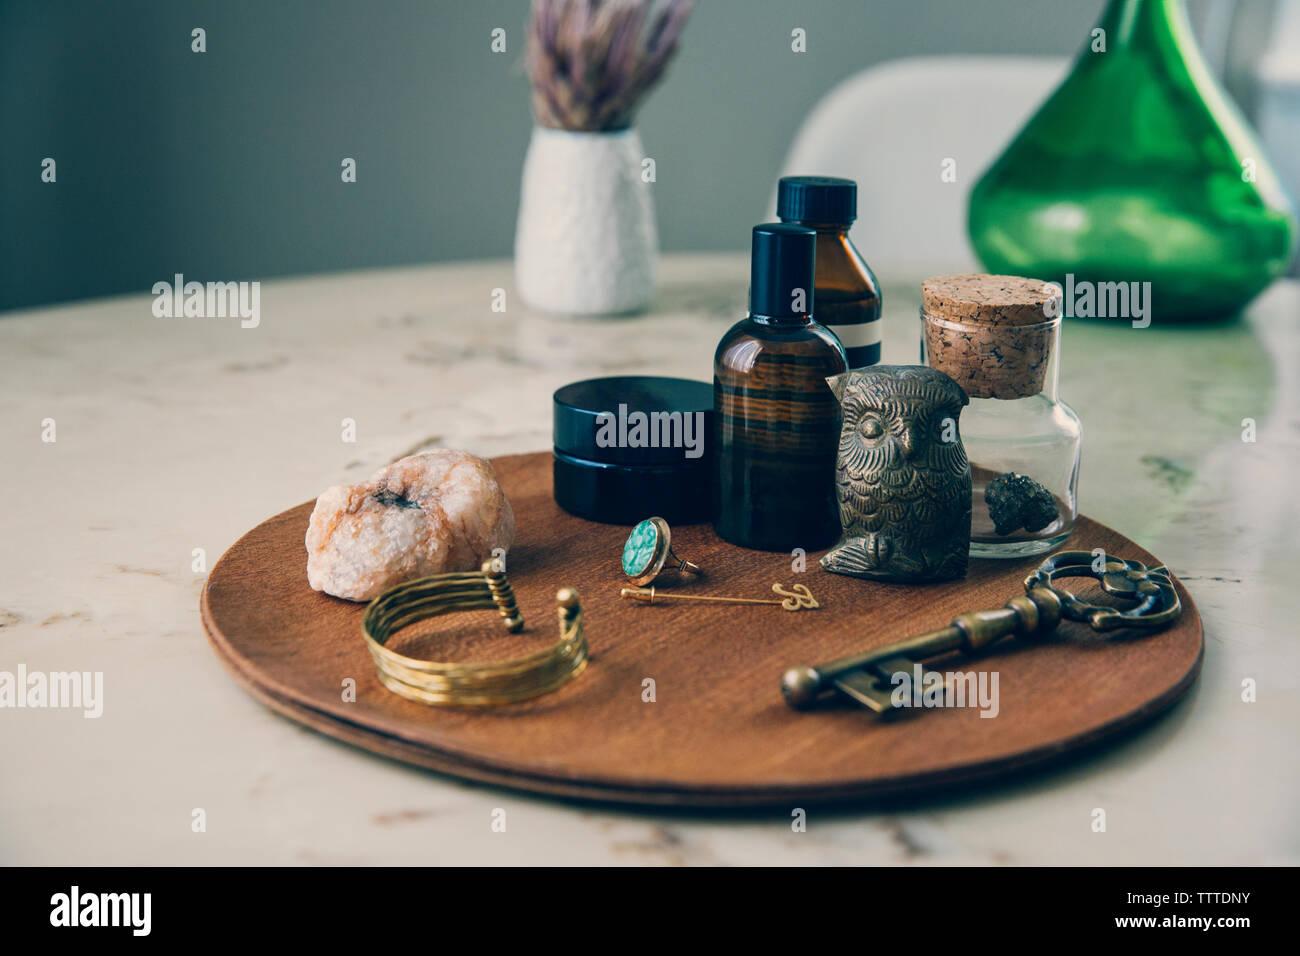 Portrait d'objets sur planche de bois Banque D'Images